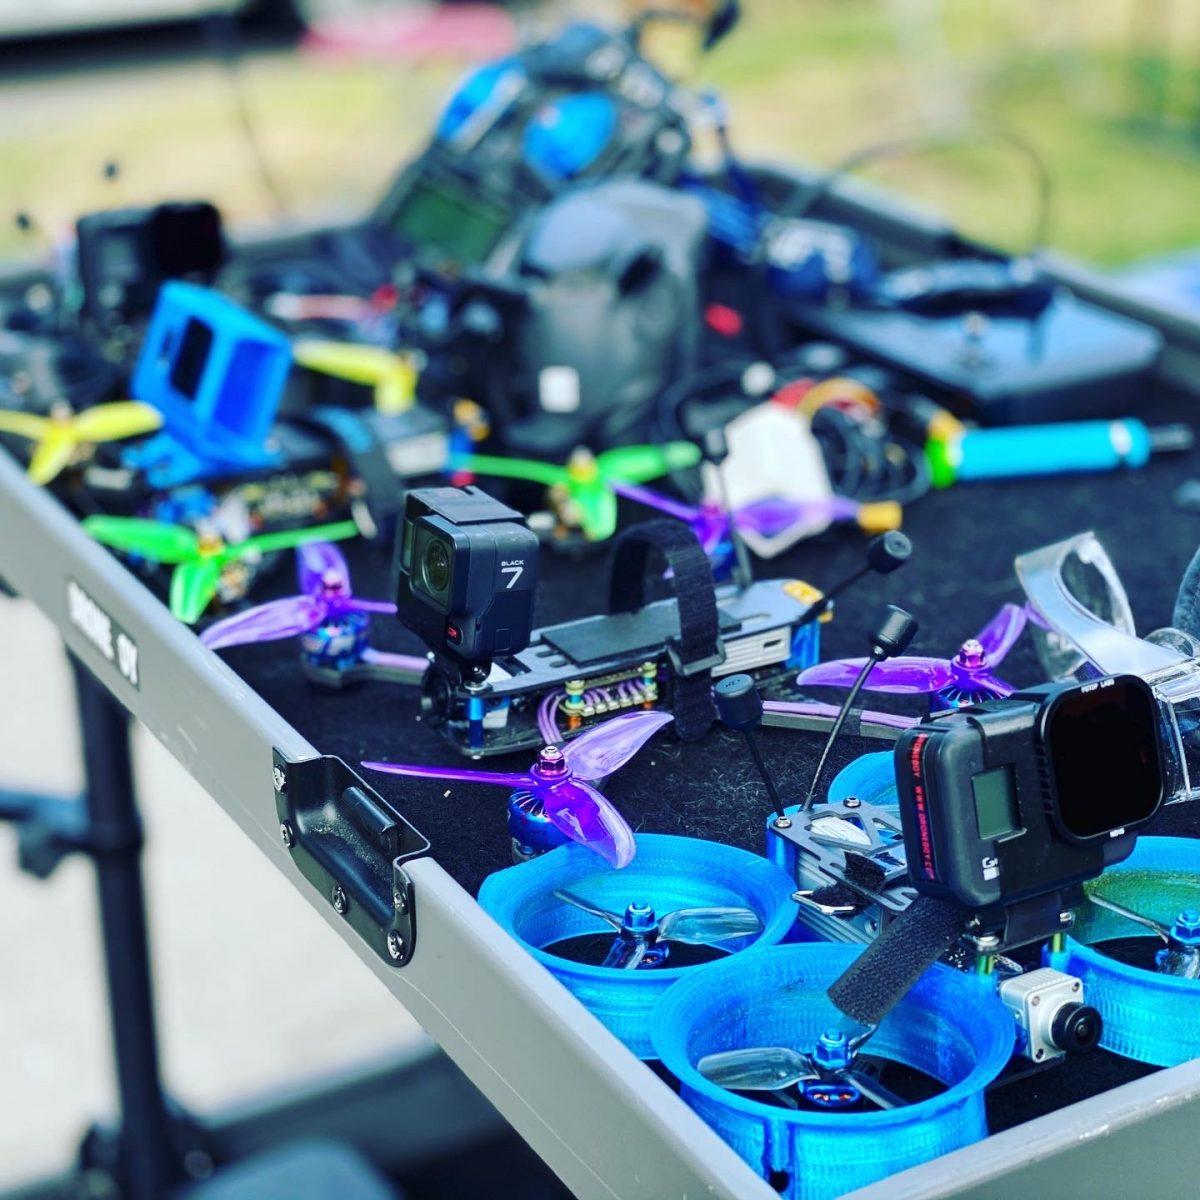 FPV cinewoop, Shendrones, FPV cinema, FPV toronto, FPV film, race drone , FPV commercial shoot